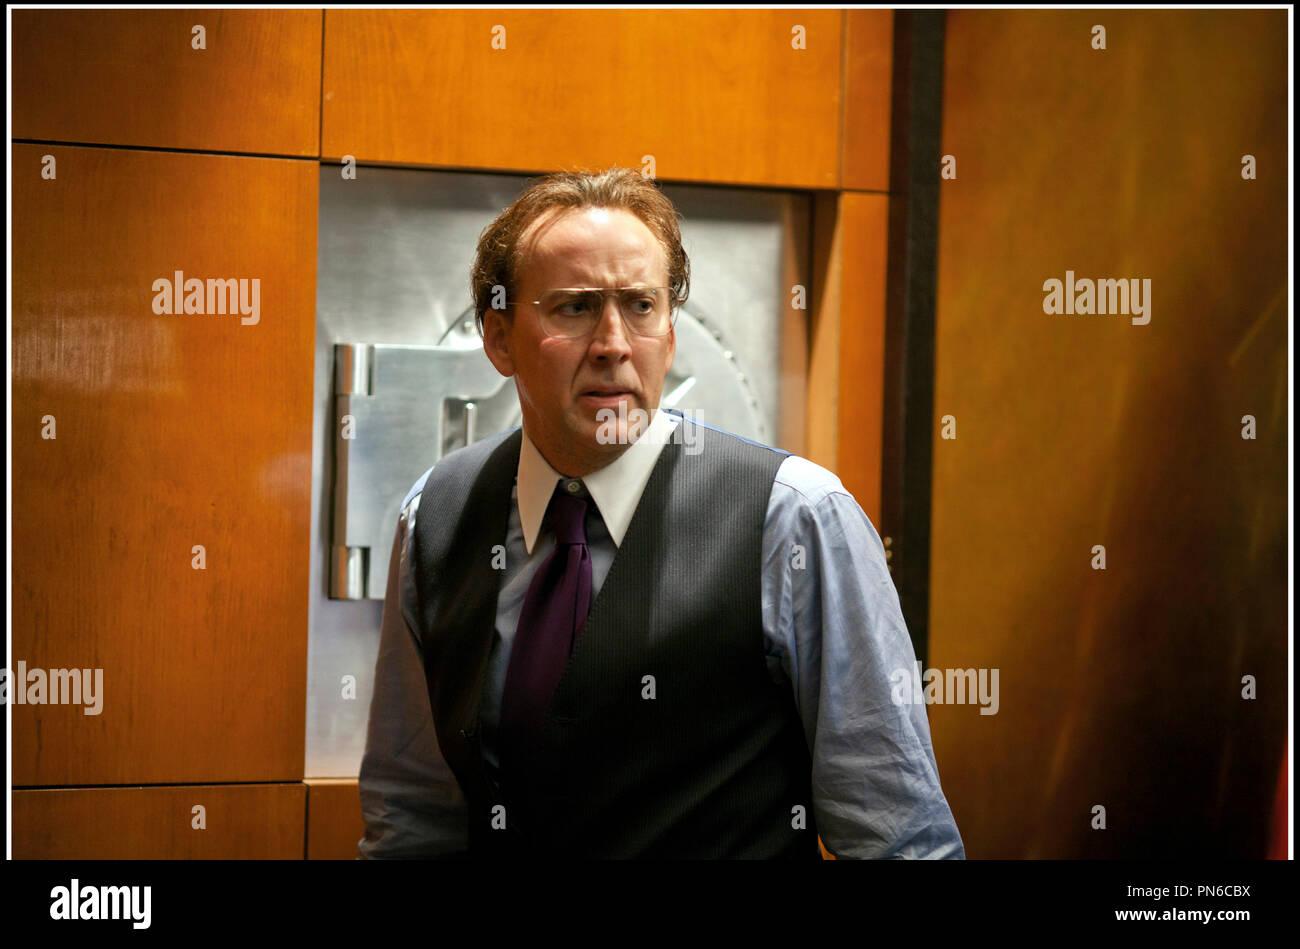 Joel Schumacher: career as an American film director 27